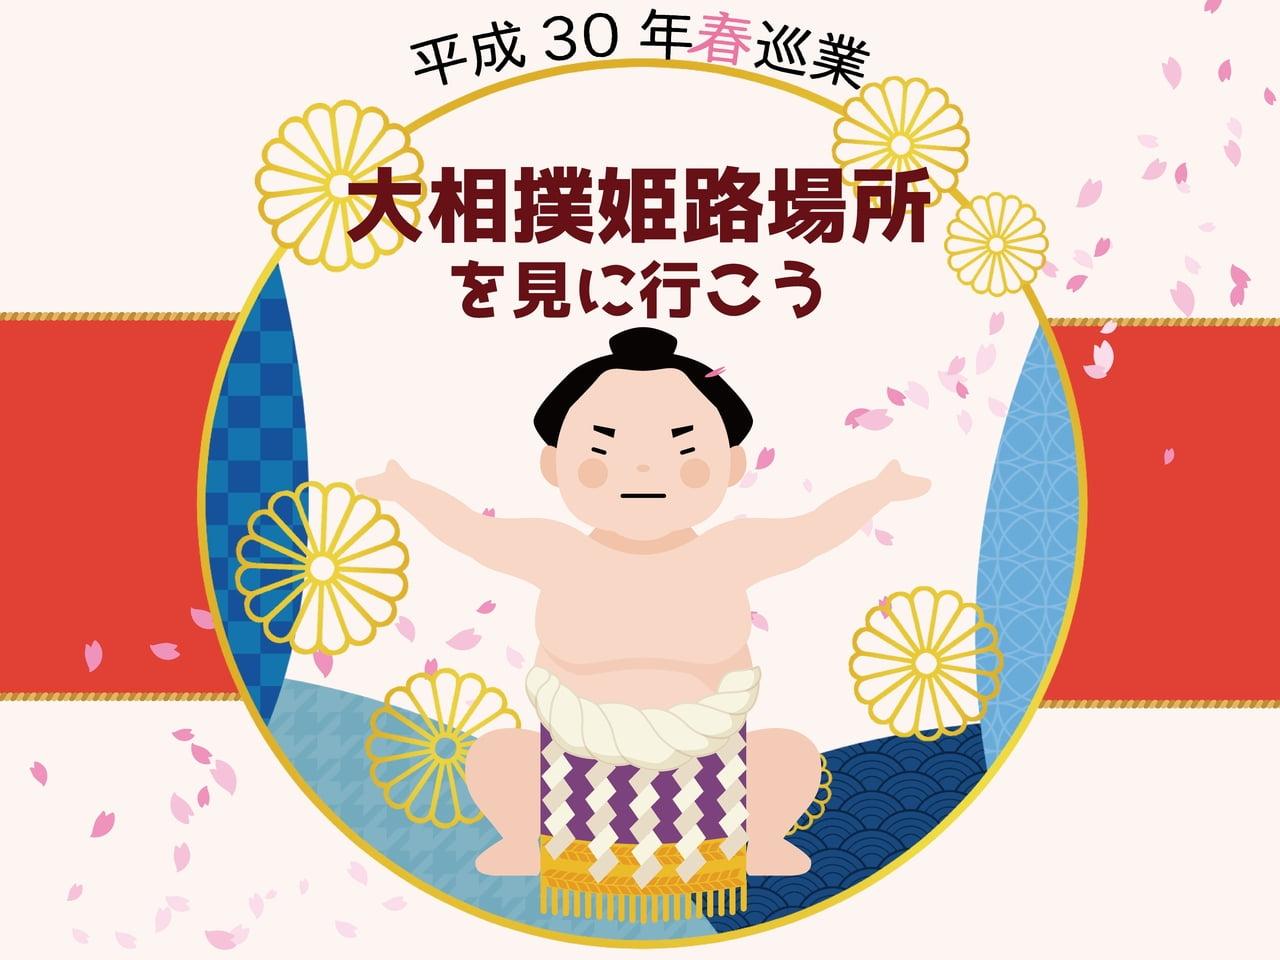 「大相撲姫路場所」のチケットや料金、日程情報を紹介【平成30年春巡業】